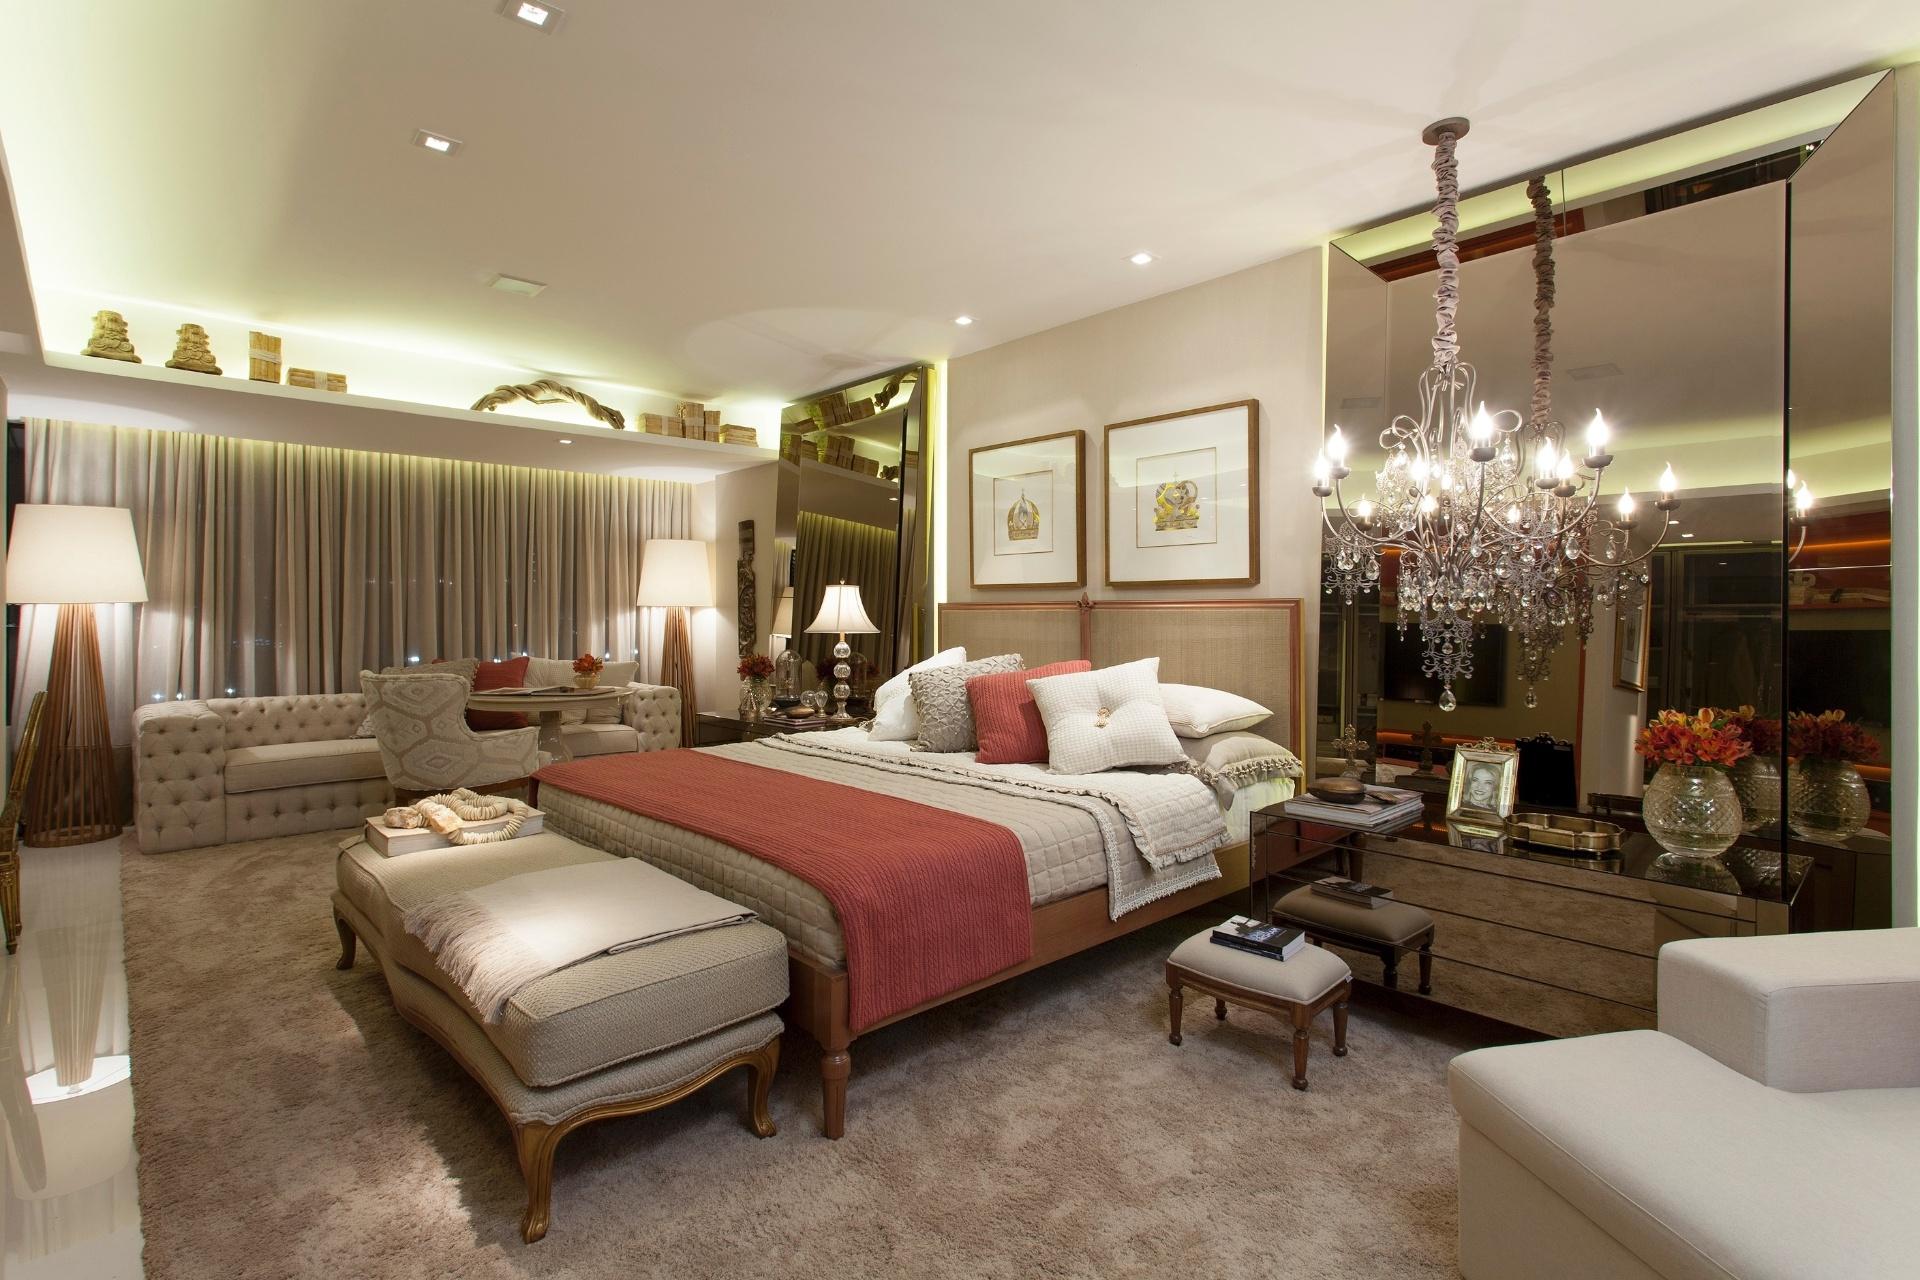 desenhada-pela-designer-de-interiores-nagila-andrade-a-suite-do-casal-1-e-um-ambiente-intimo-sofisticado-e-de-ar-classico-entre-os-objetos-destaque-para-os-grandes-e